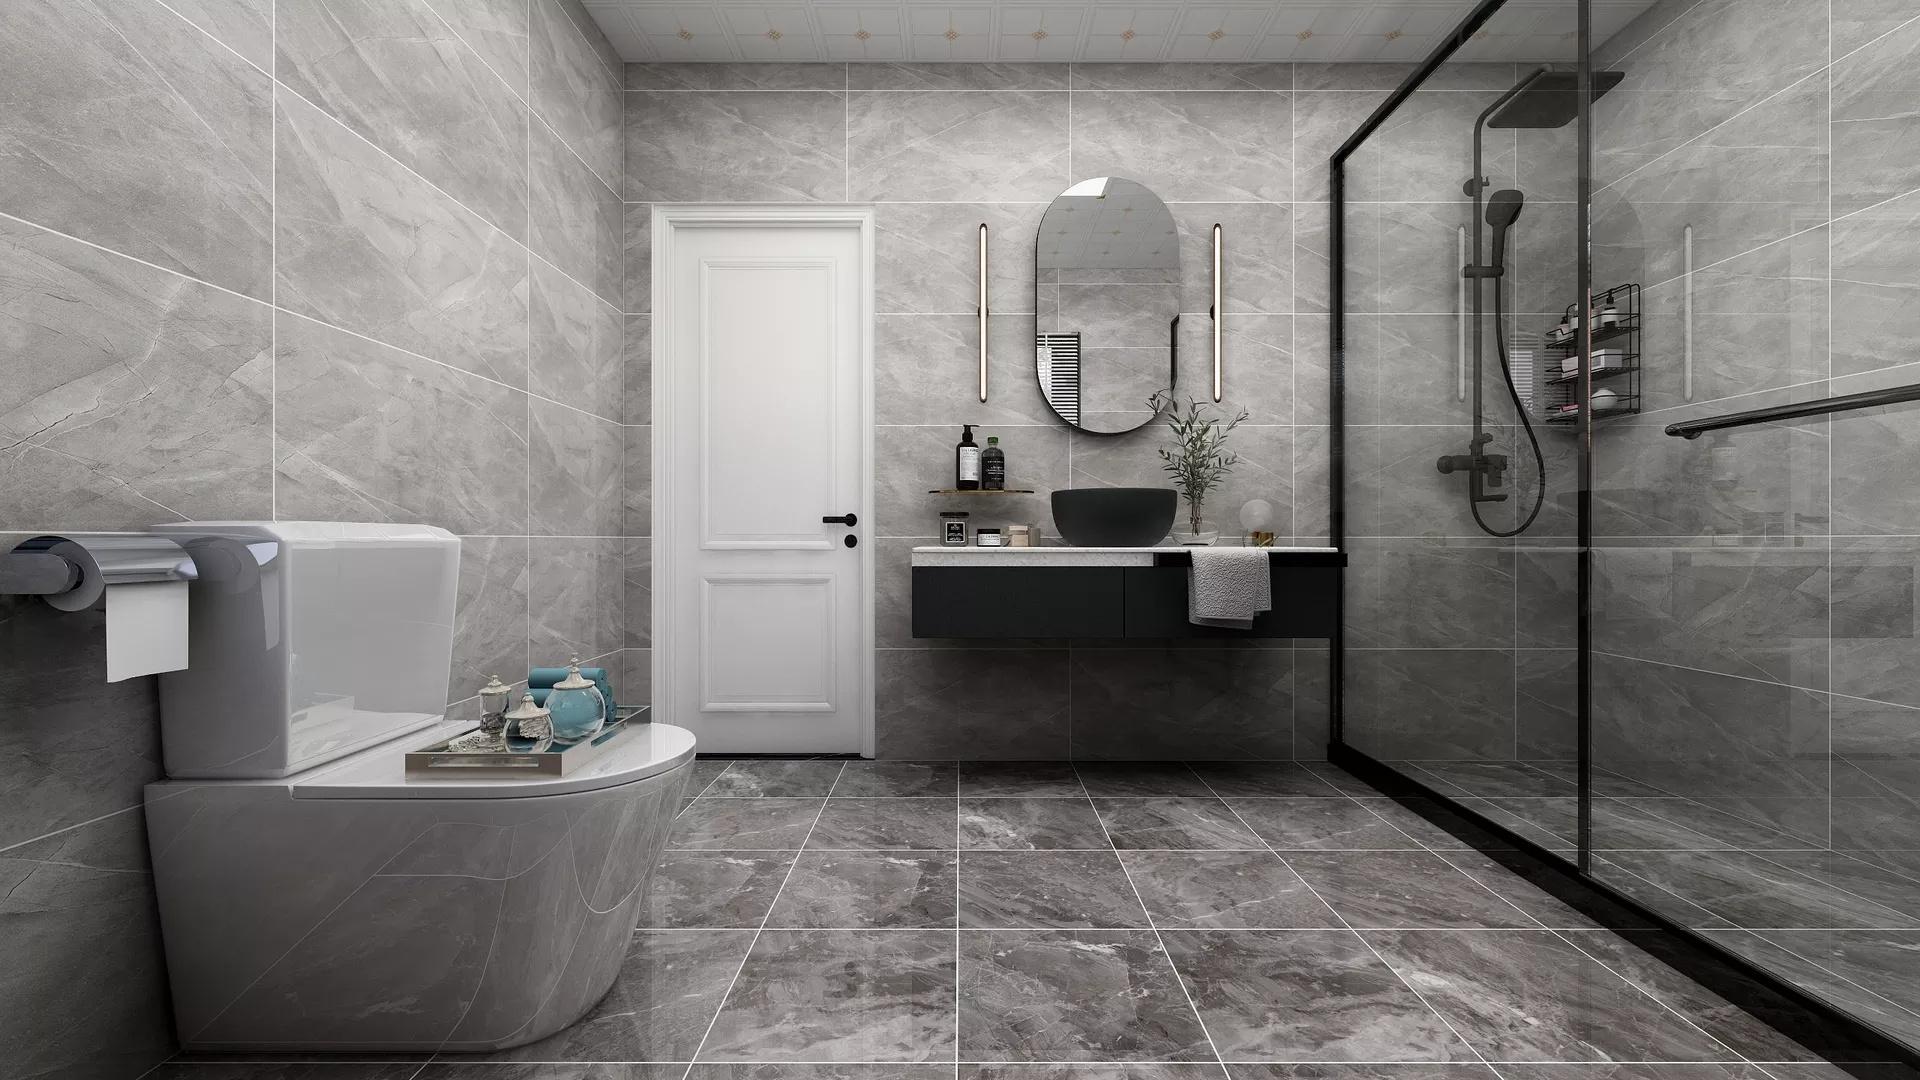 浴室防滑垫哪些品牌好 浴室防滑垫有什么选购技巧